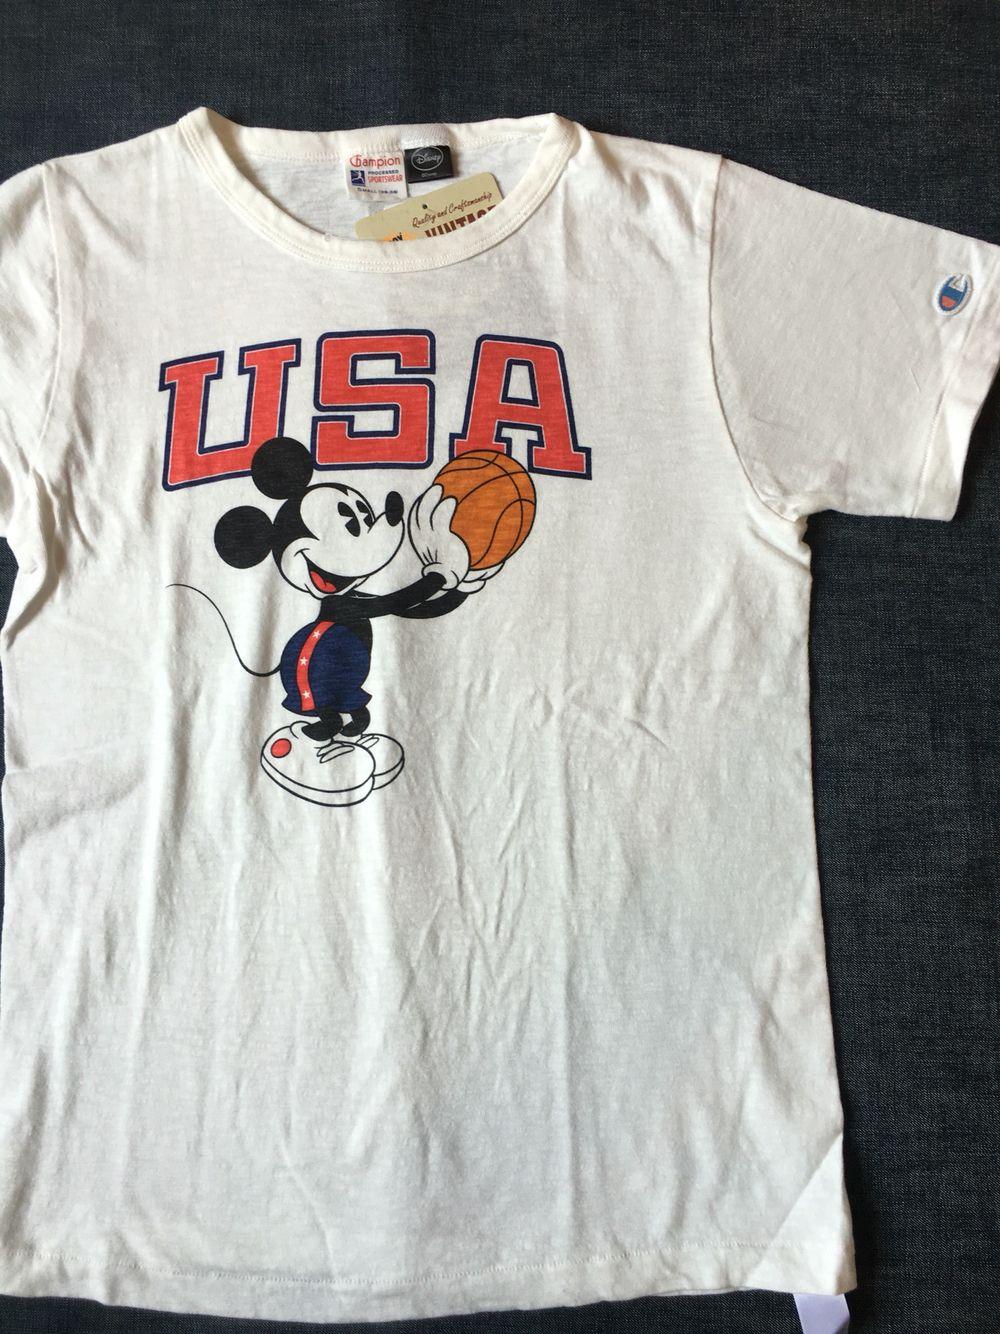 チャンピオンからロジェスターのミッキーU.S.A.Tシャツが入荷しました。本体価格¥6,500(+tax)